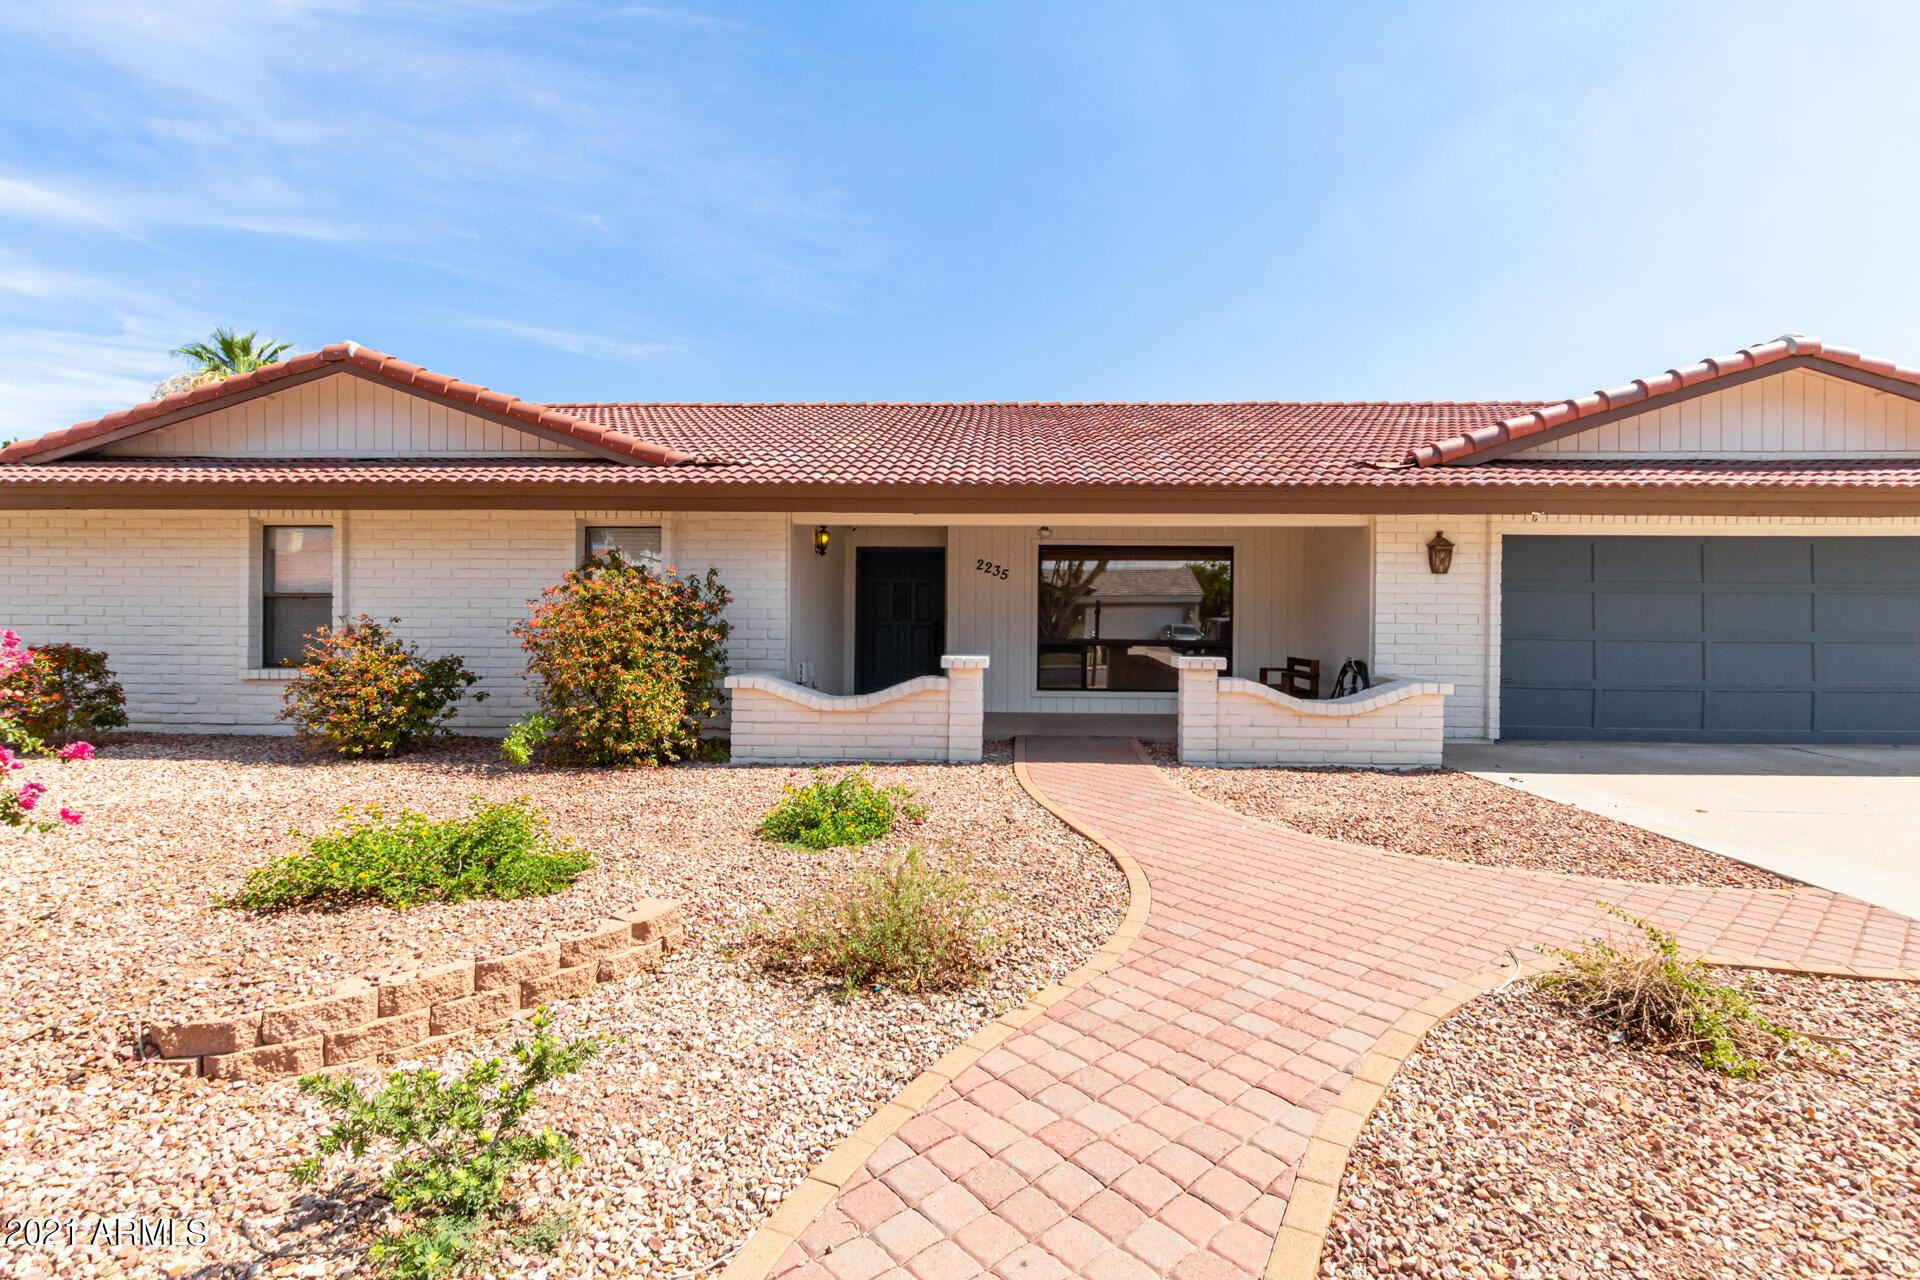 2235 E JAEGER Street, Mesa, AZ 85213 - MLS#: 6271598